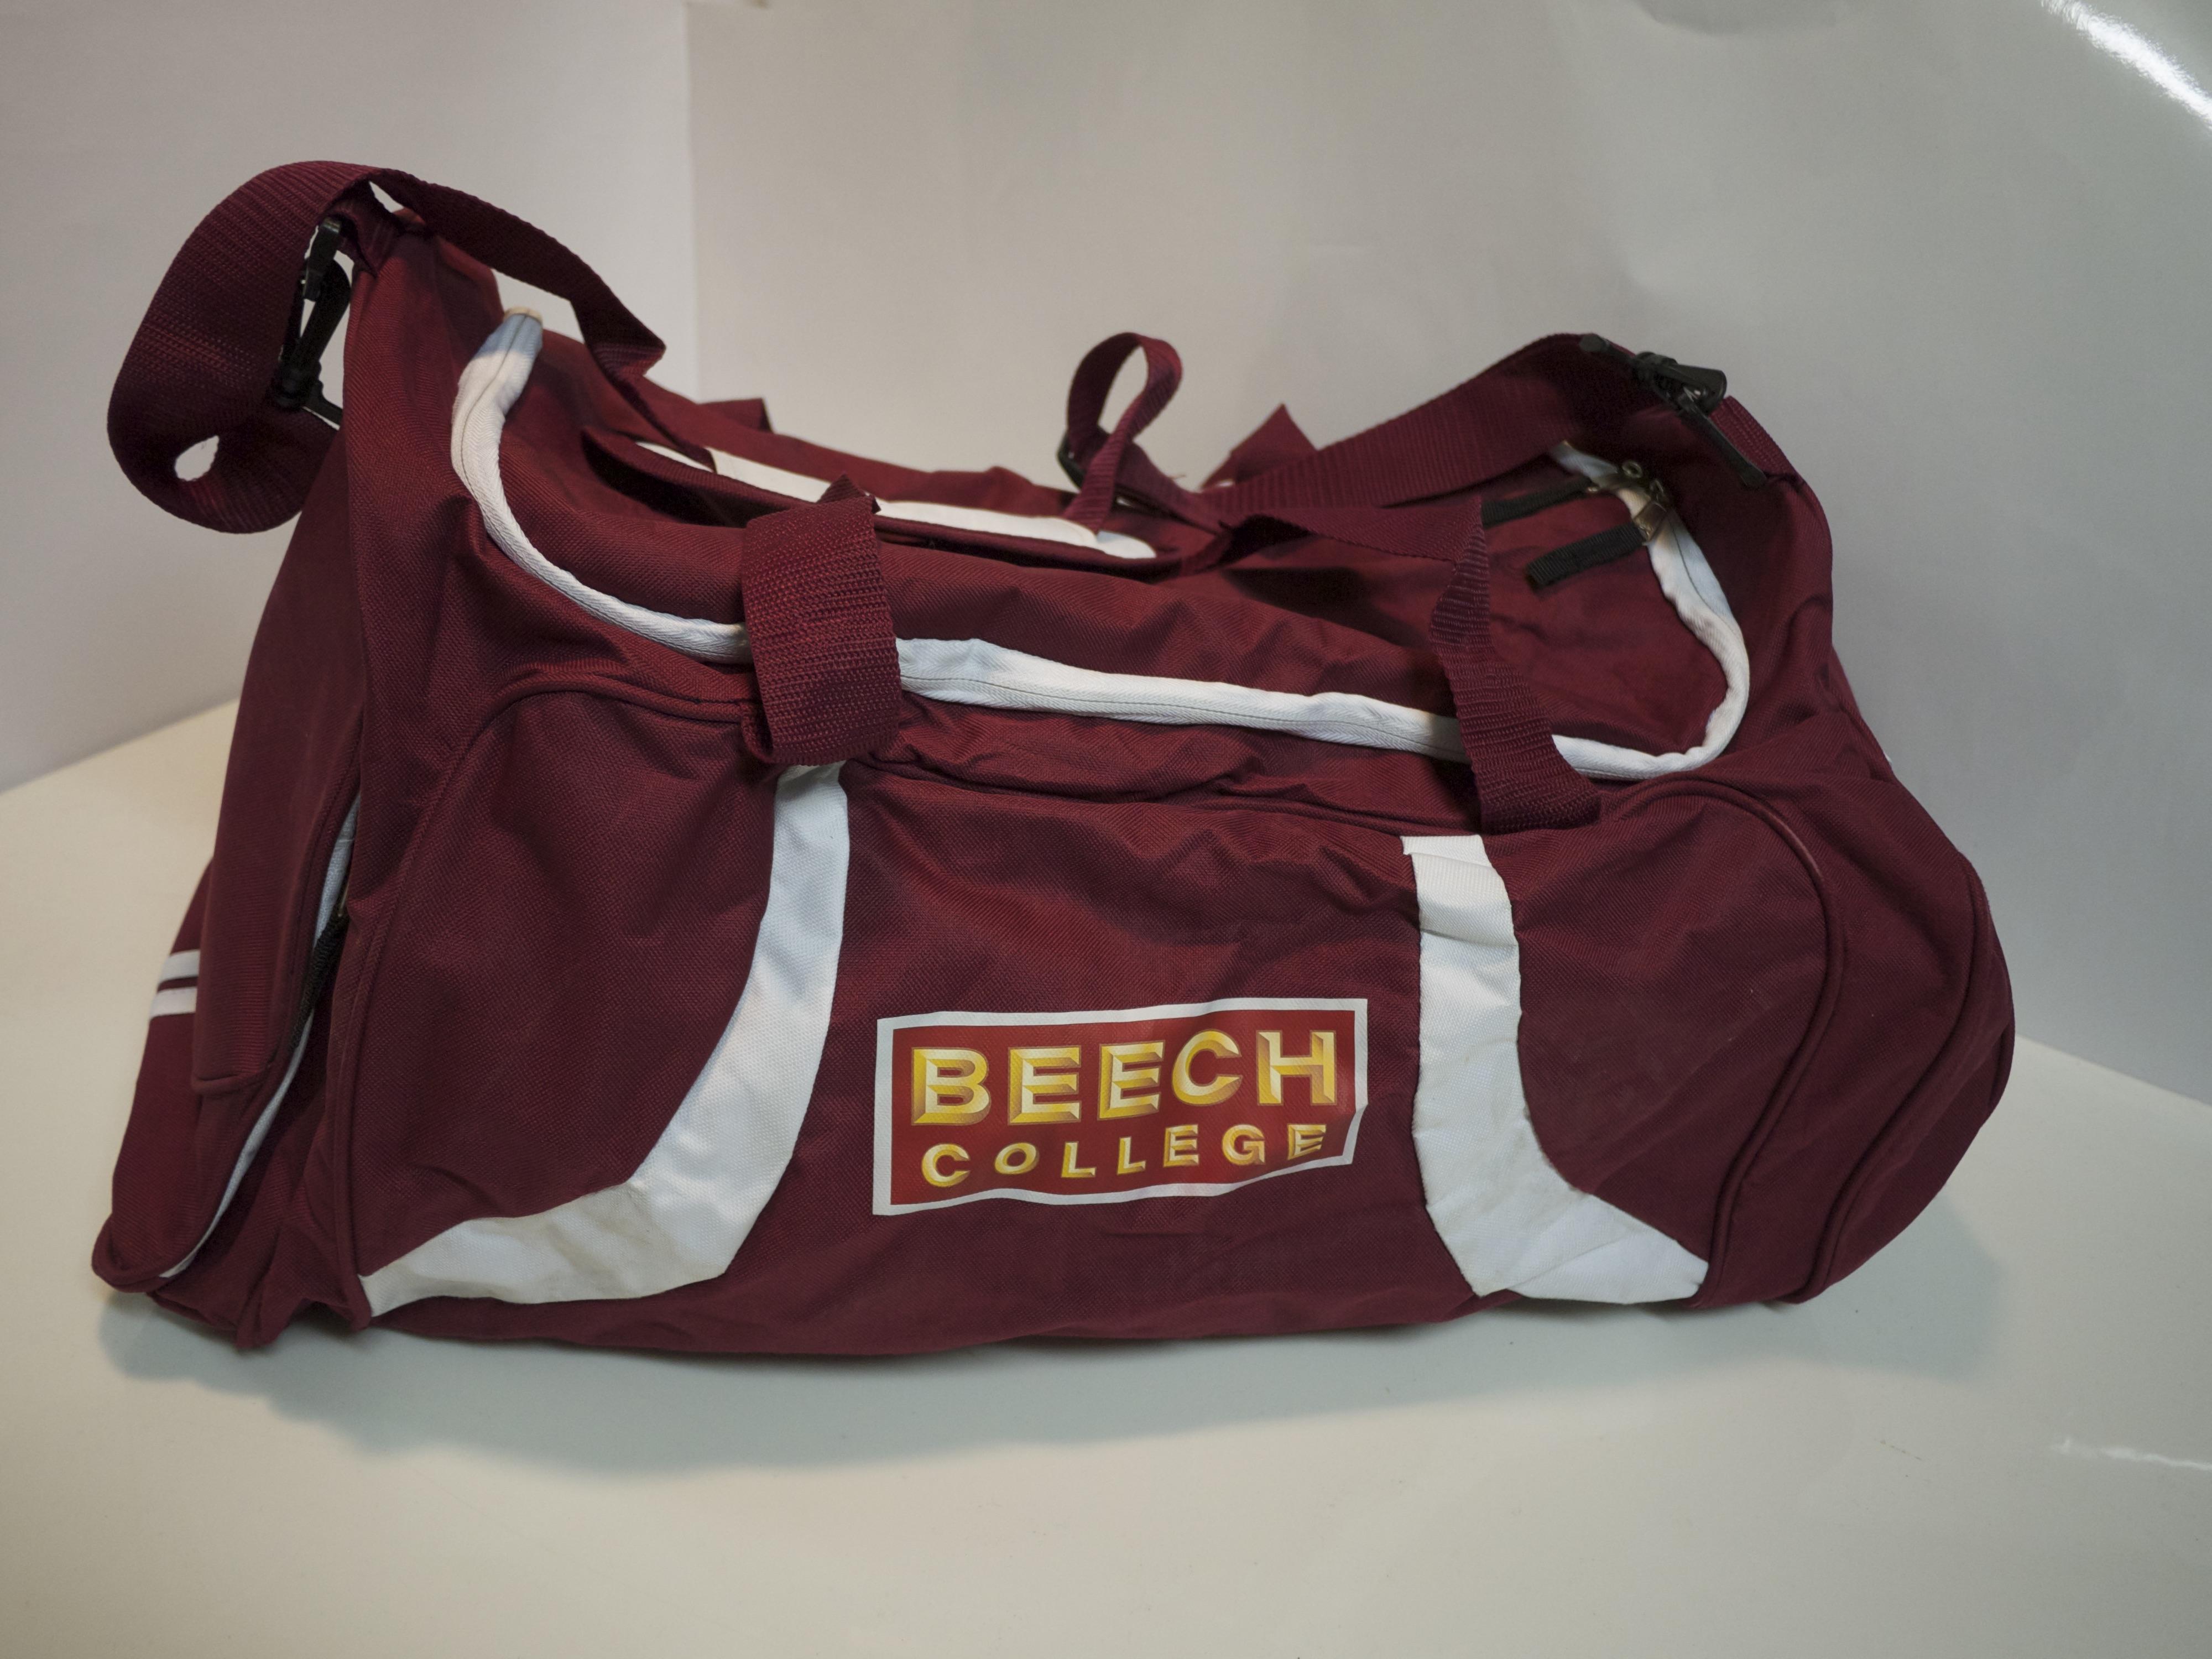 Maroon team bags